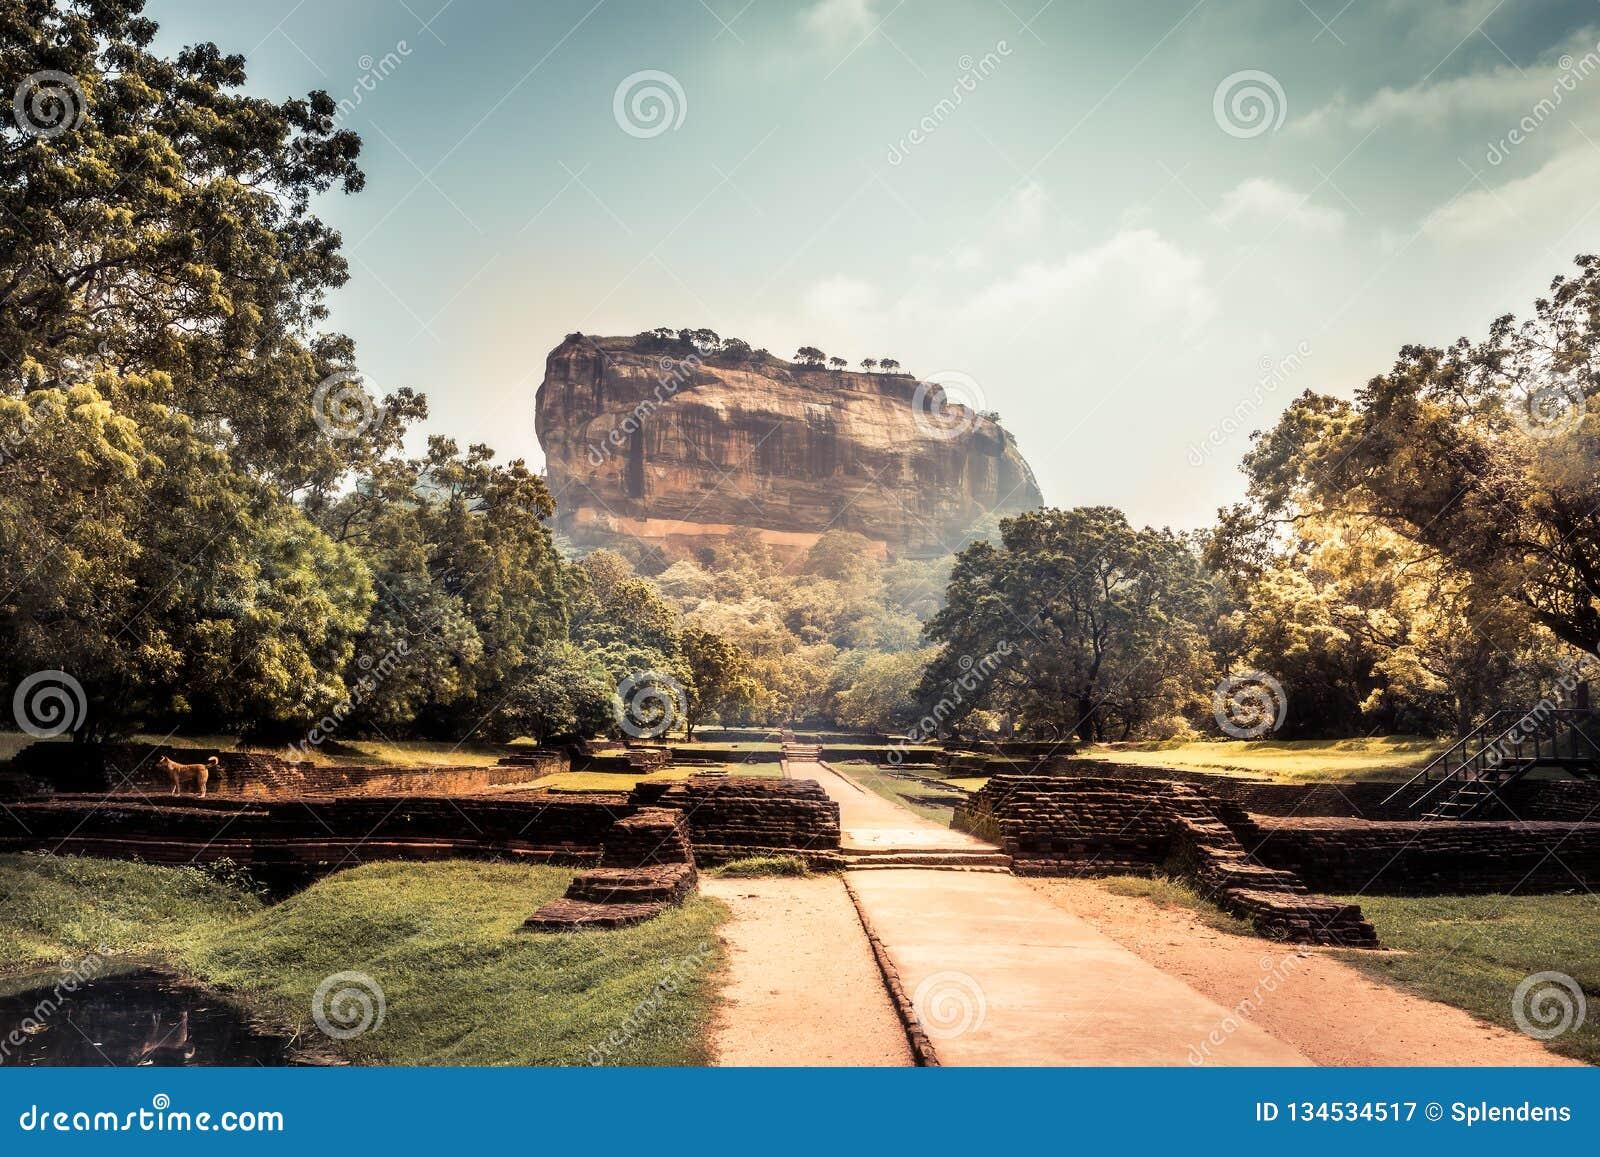 Señal Sri Lanka de la UNESCO de la montaña de la roca del león de Sigiriya